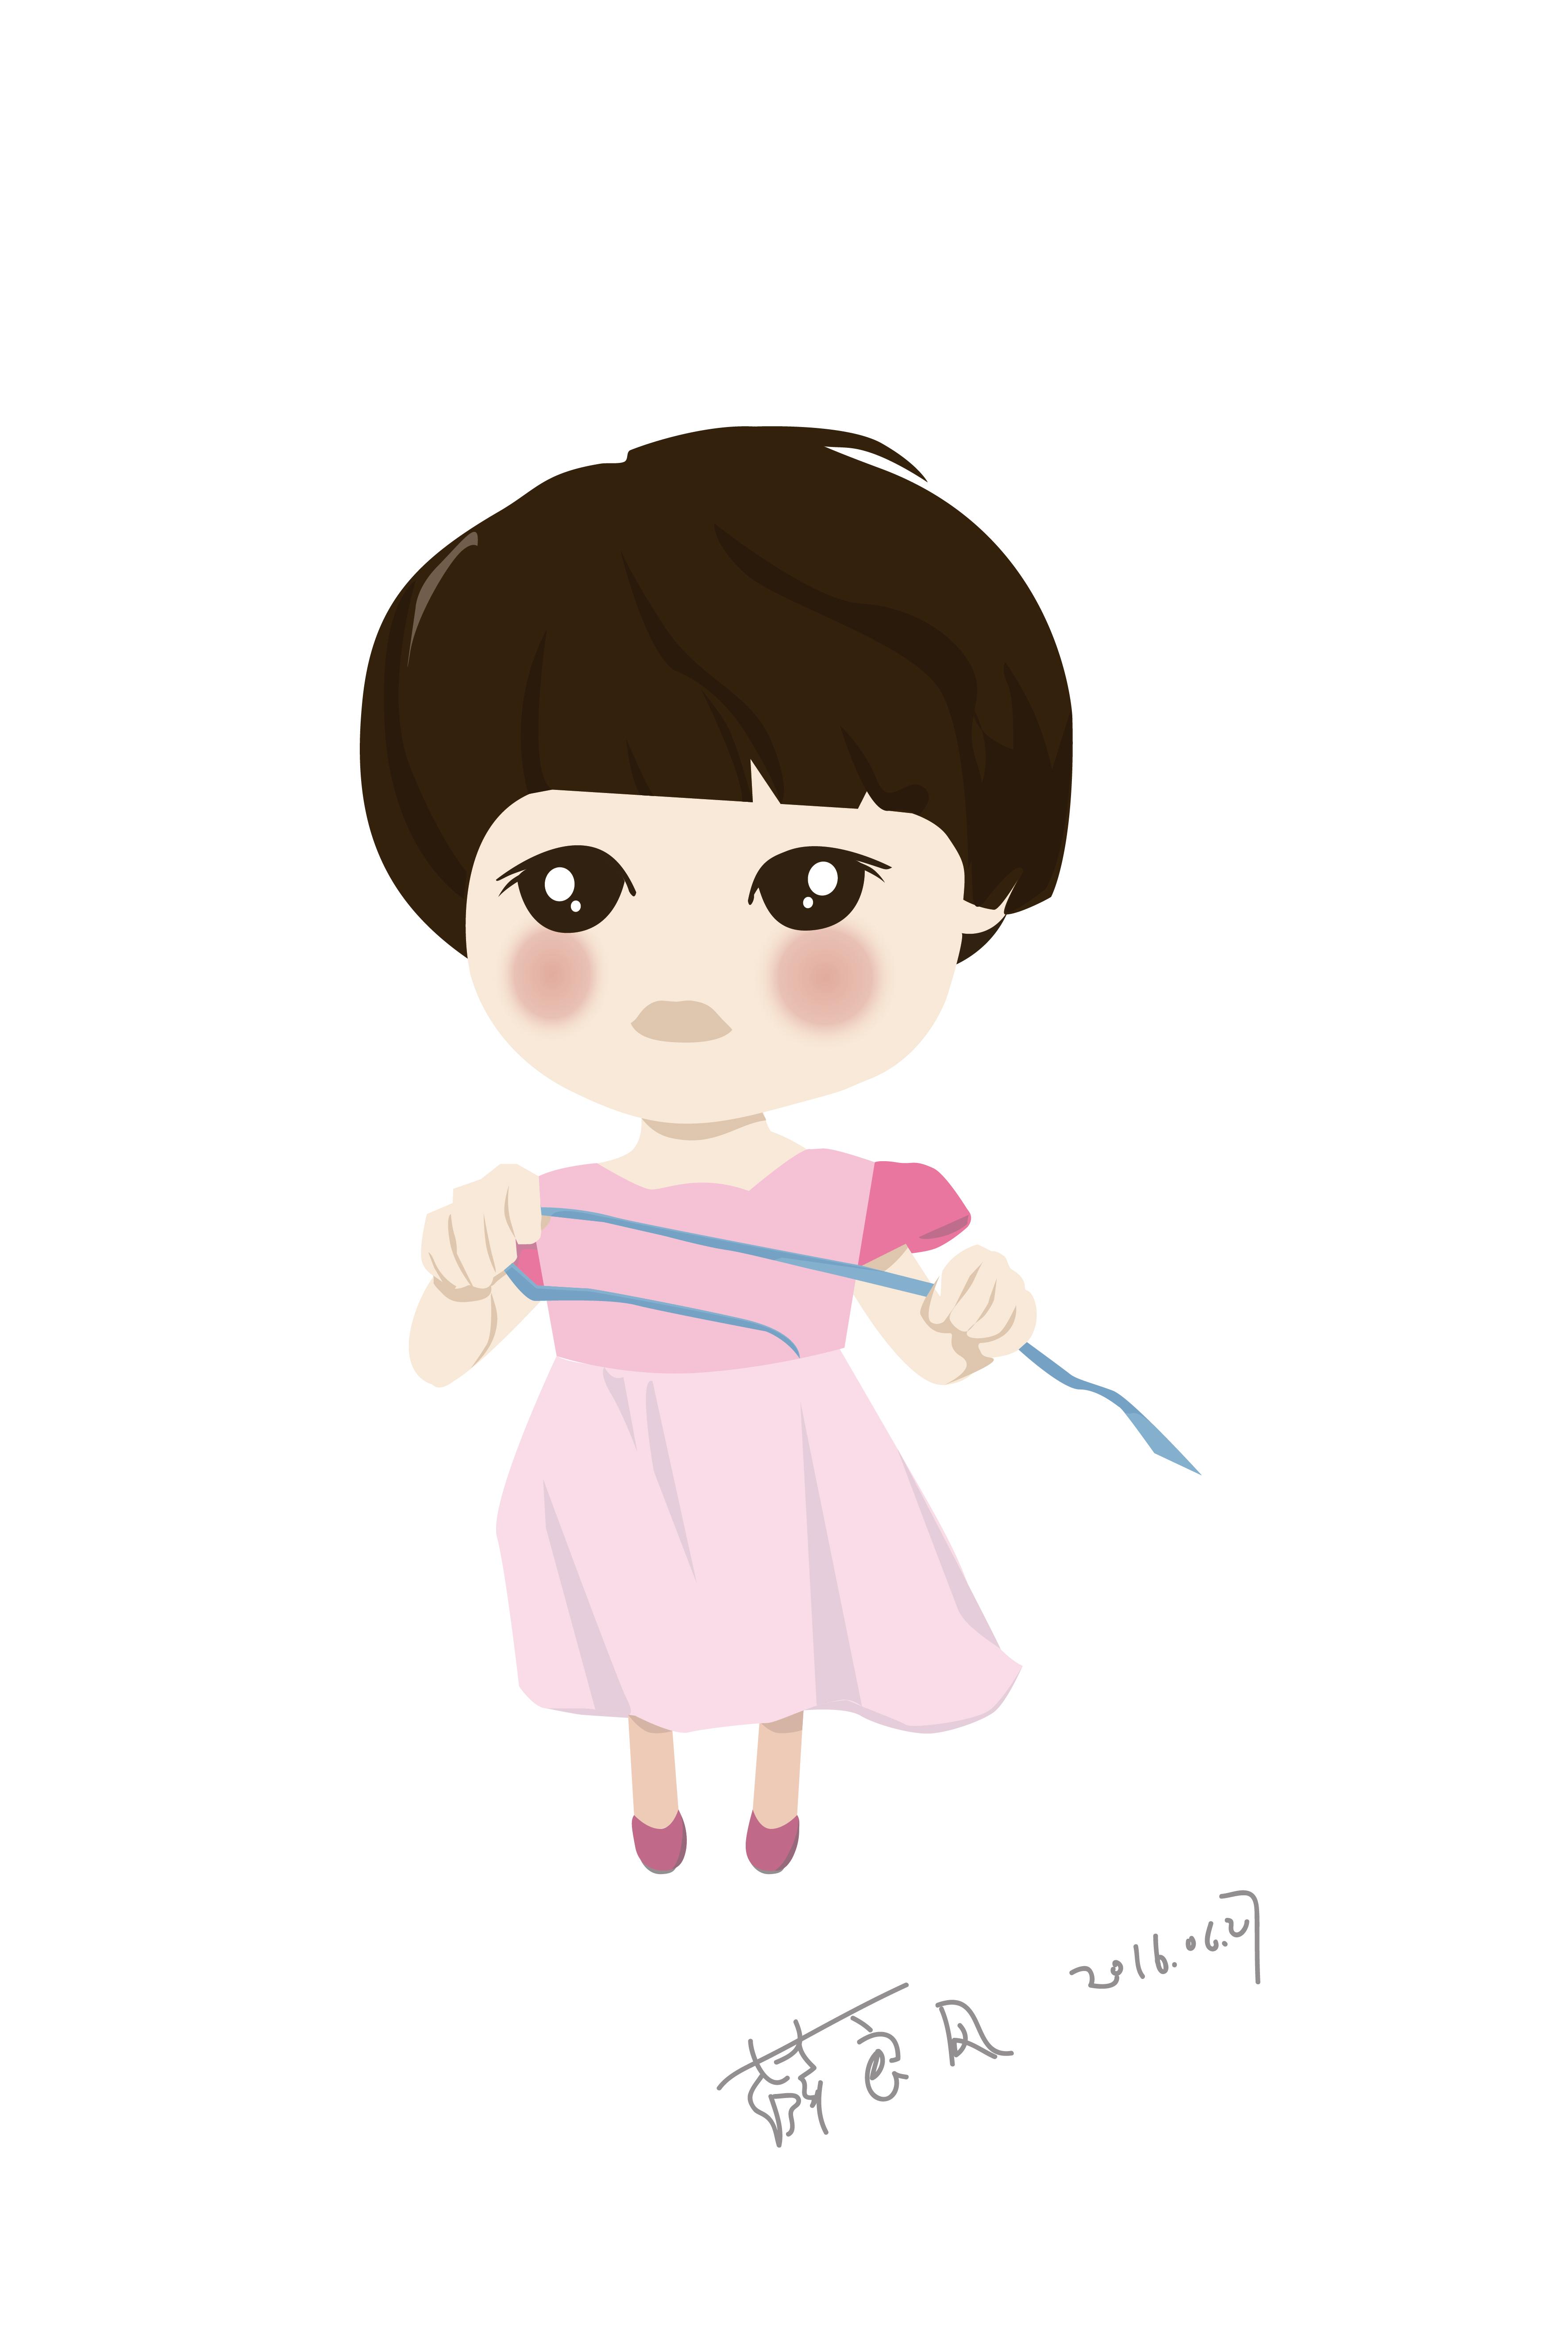 儿童人物手绘插画,给你萌萌的爱!